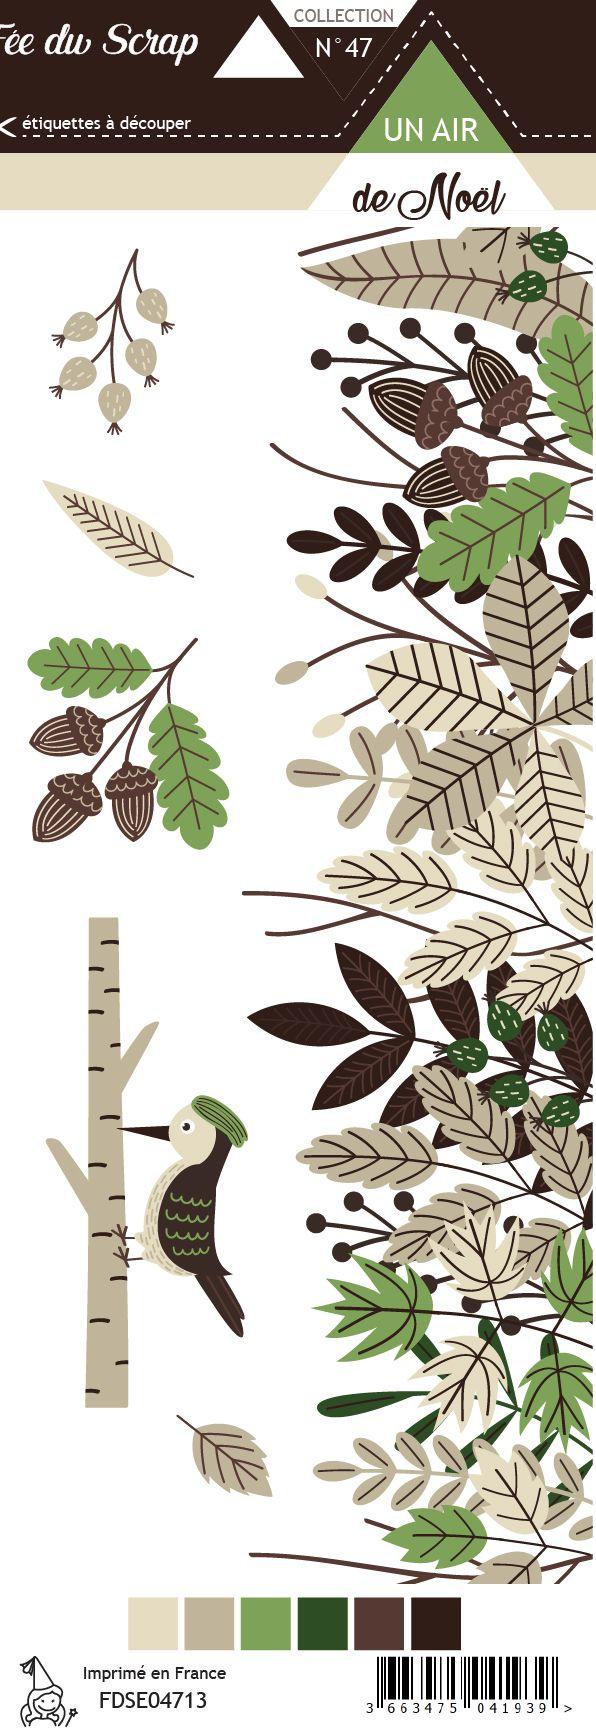 Etiquette un air de noël - pic vert